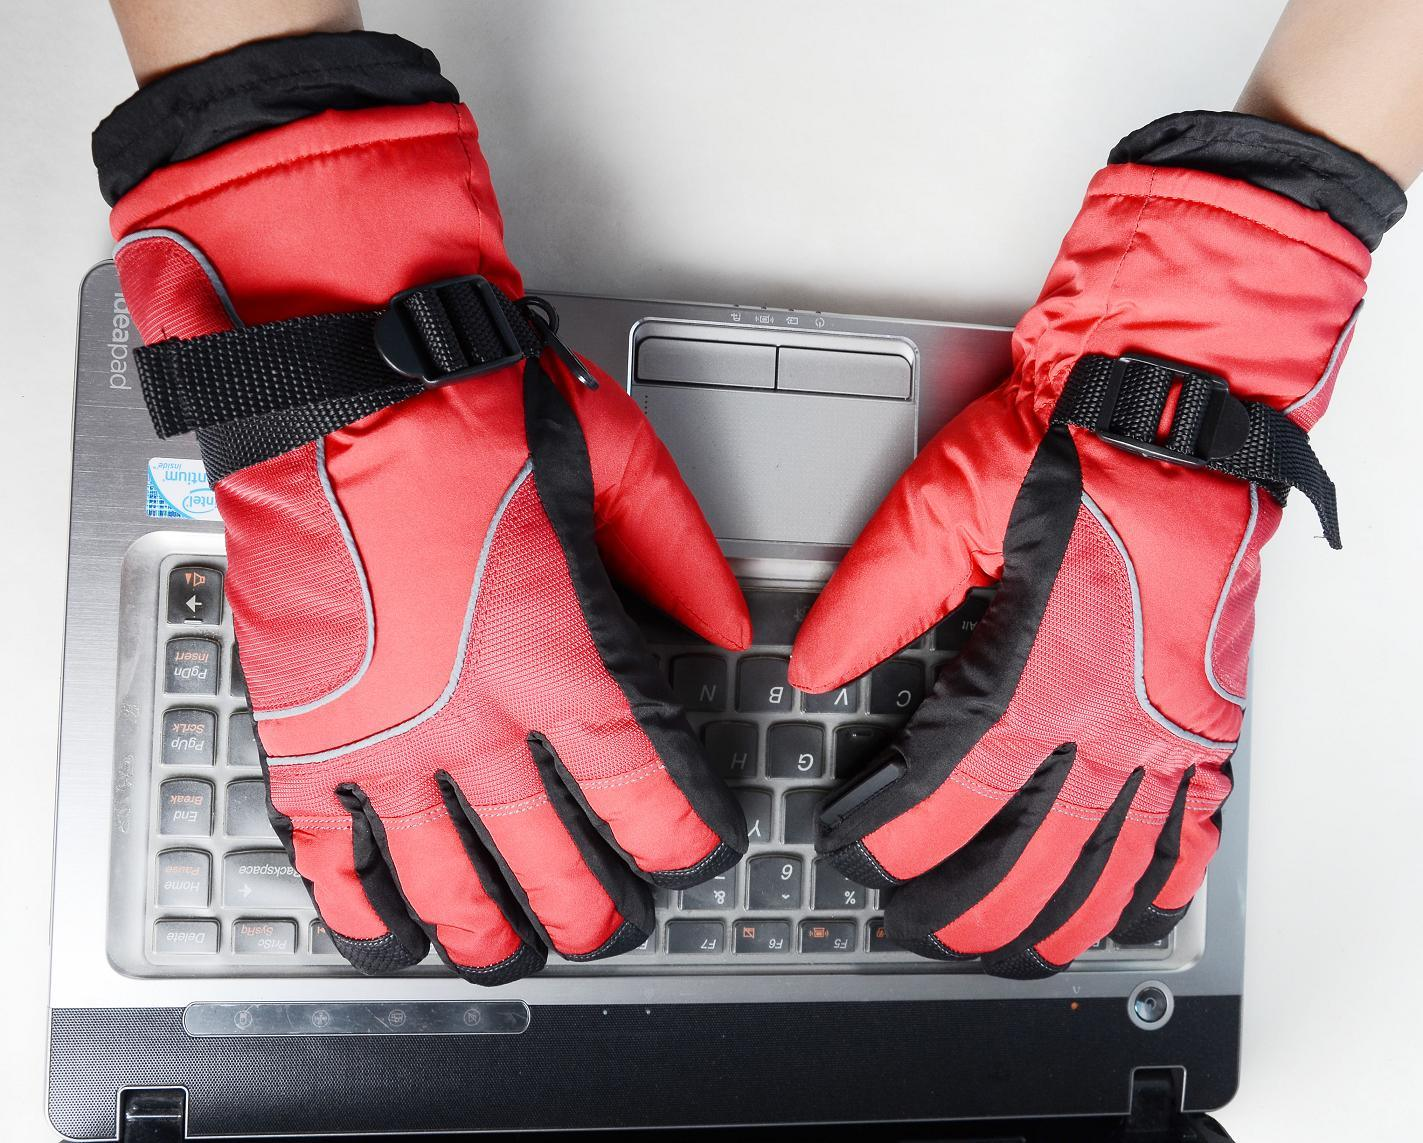 Kids Ski Glove/Kids′ Five Finger Glove/ Children Ski Glove/ Winter Glove/Detox Glove/Okotex Glove/Mitten Ski Glove/Mitten Winter Glove